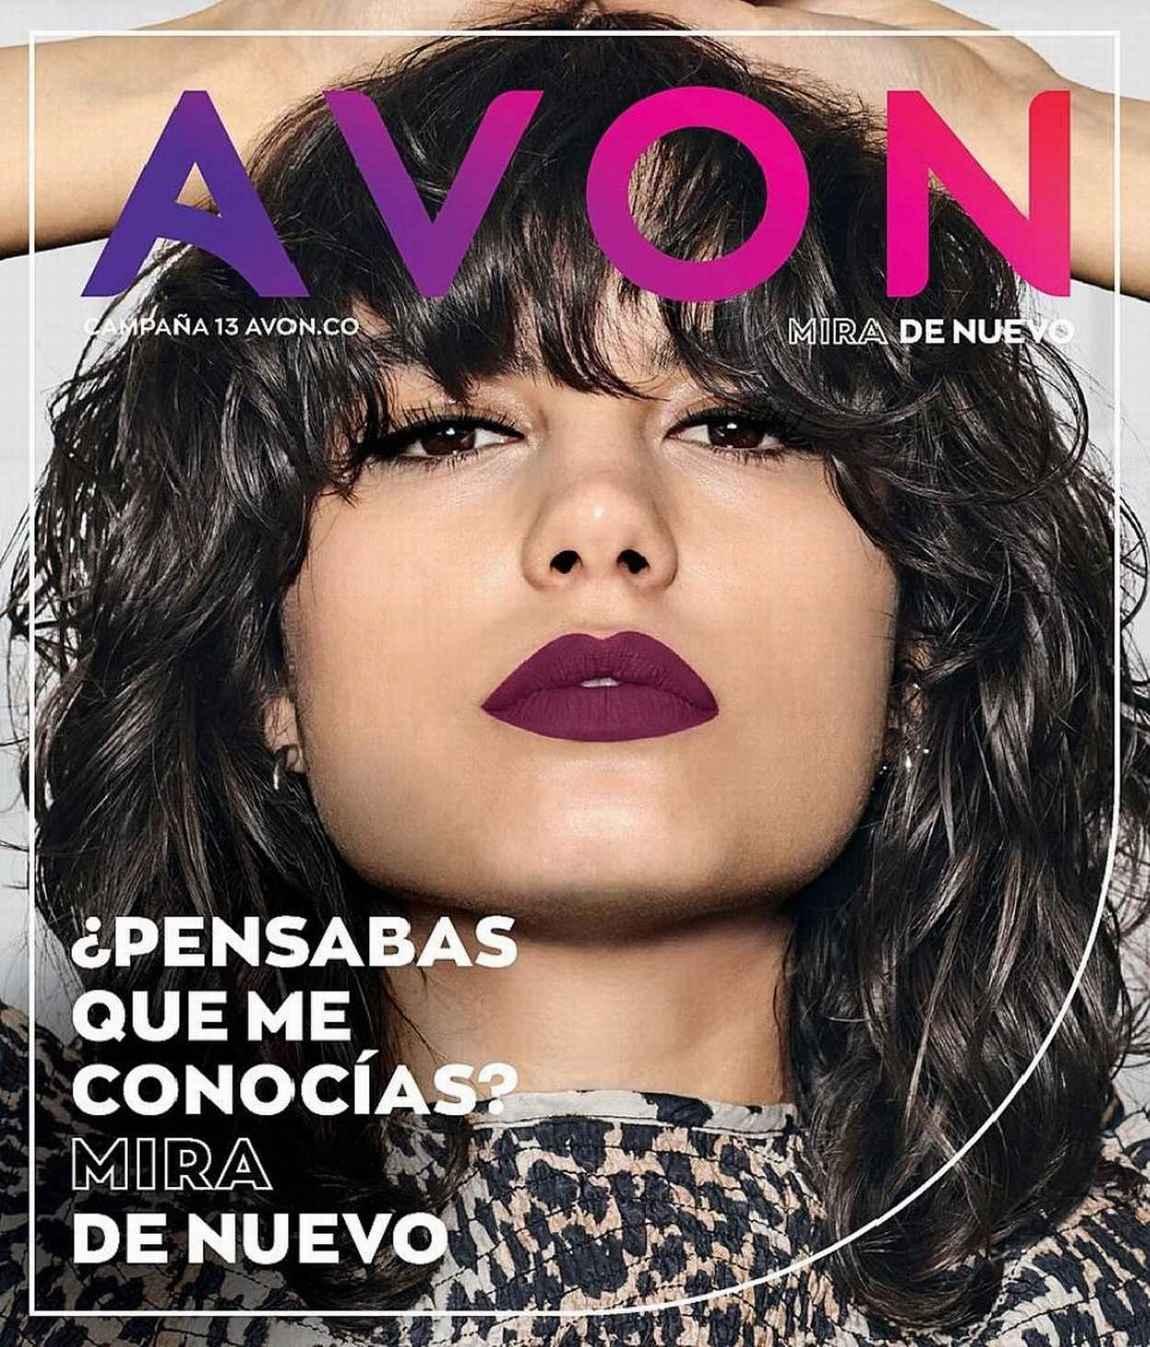 Catálogo Avon Campaña 13 2021 Colombia